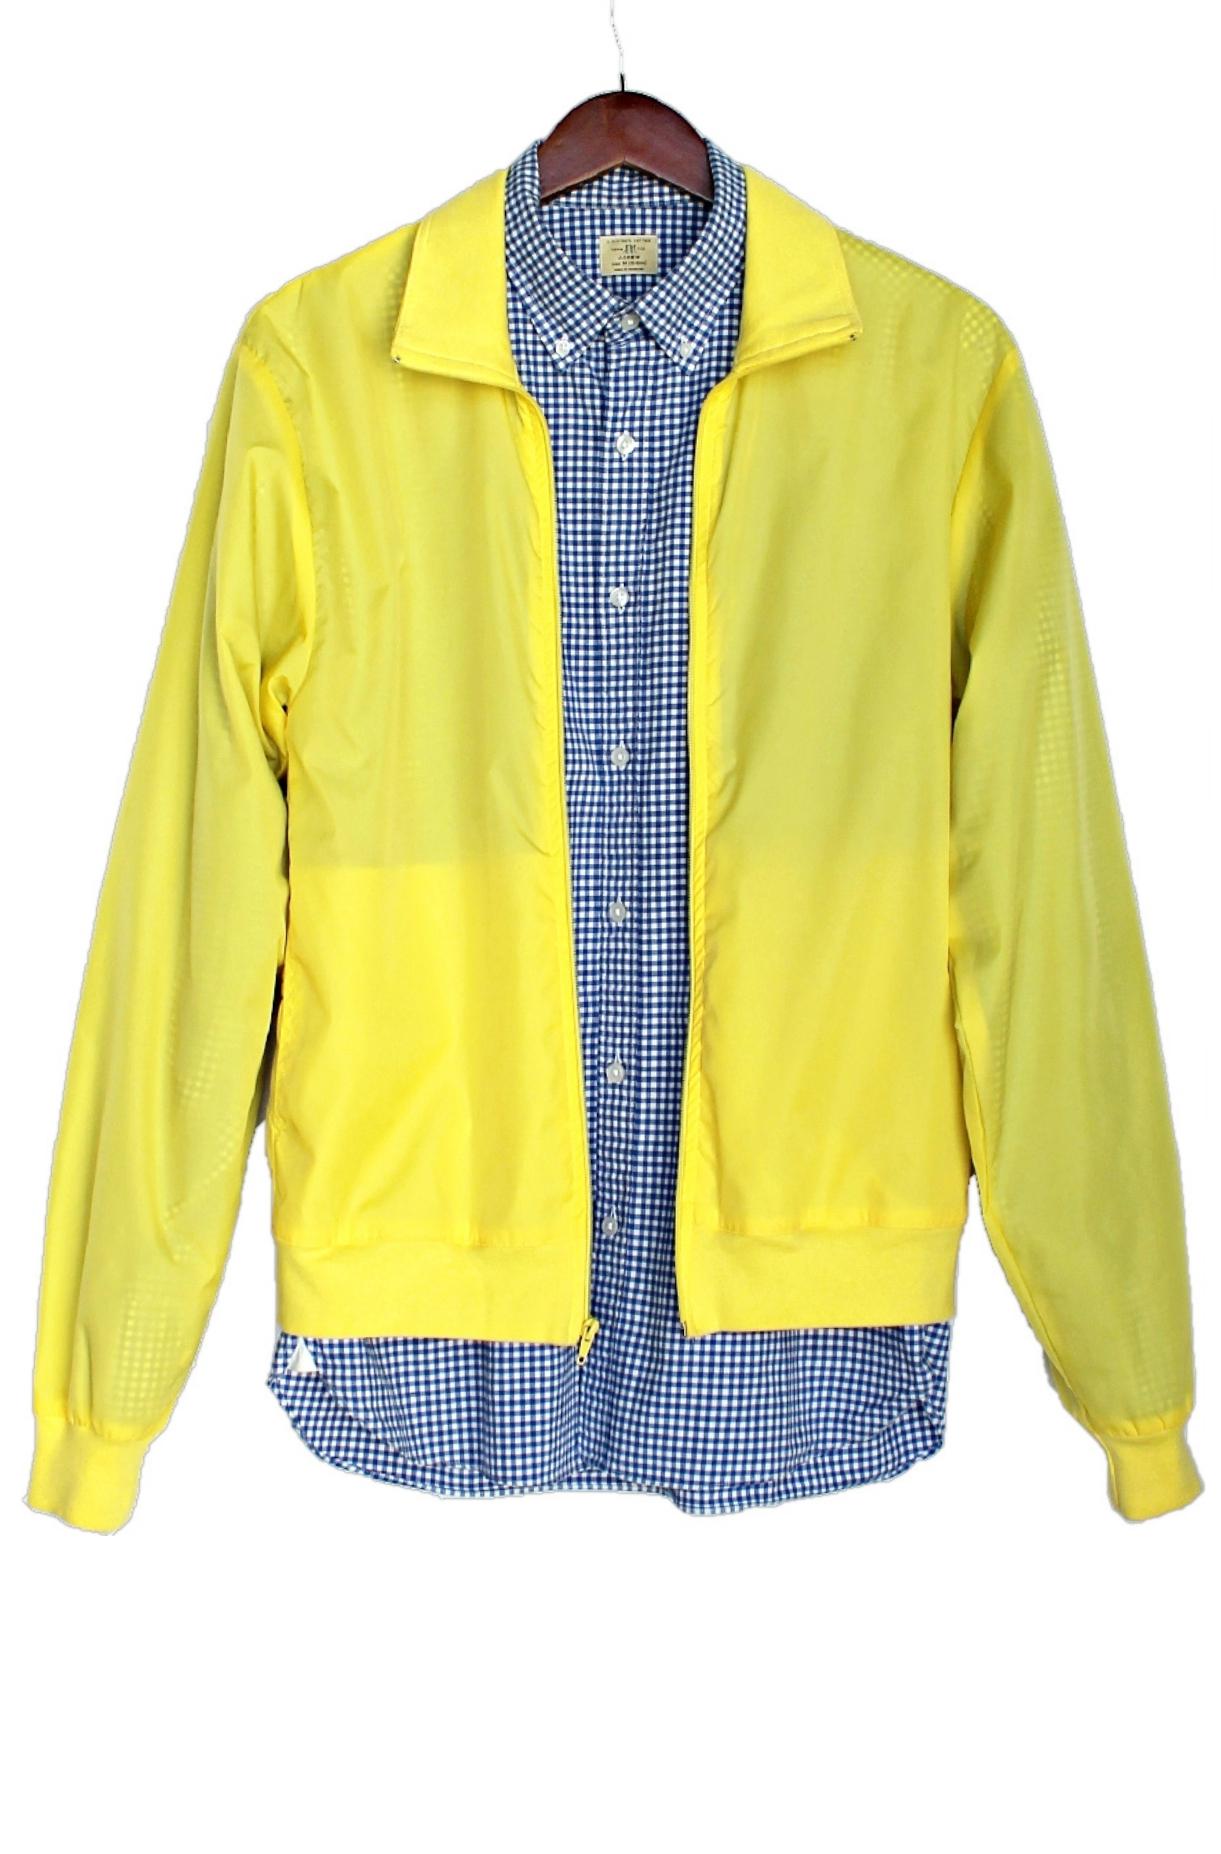 A Day Out Button-Down Shirt | Just Vu